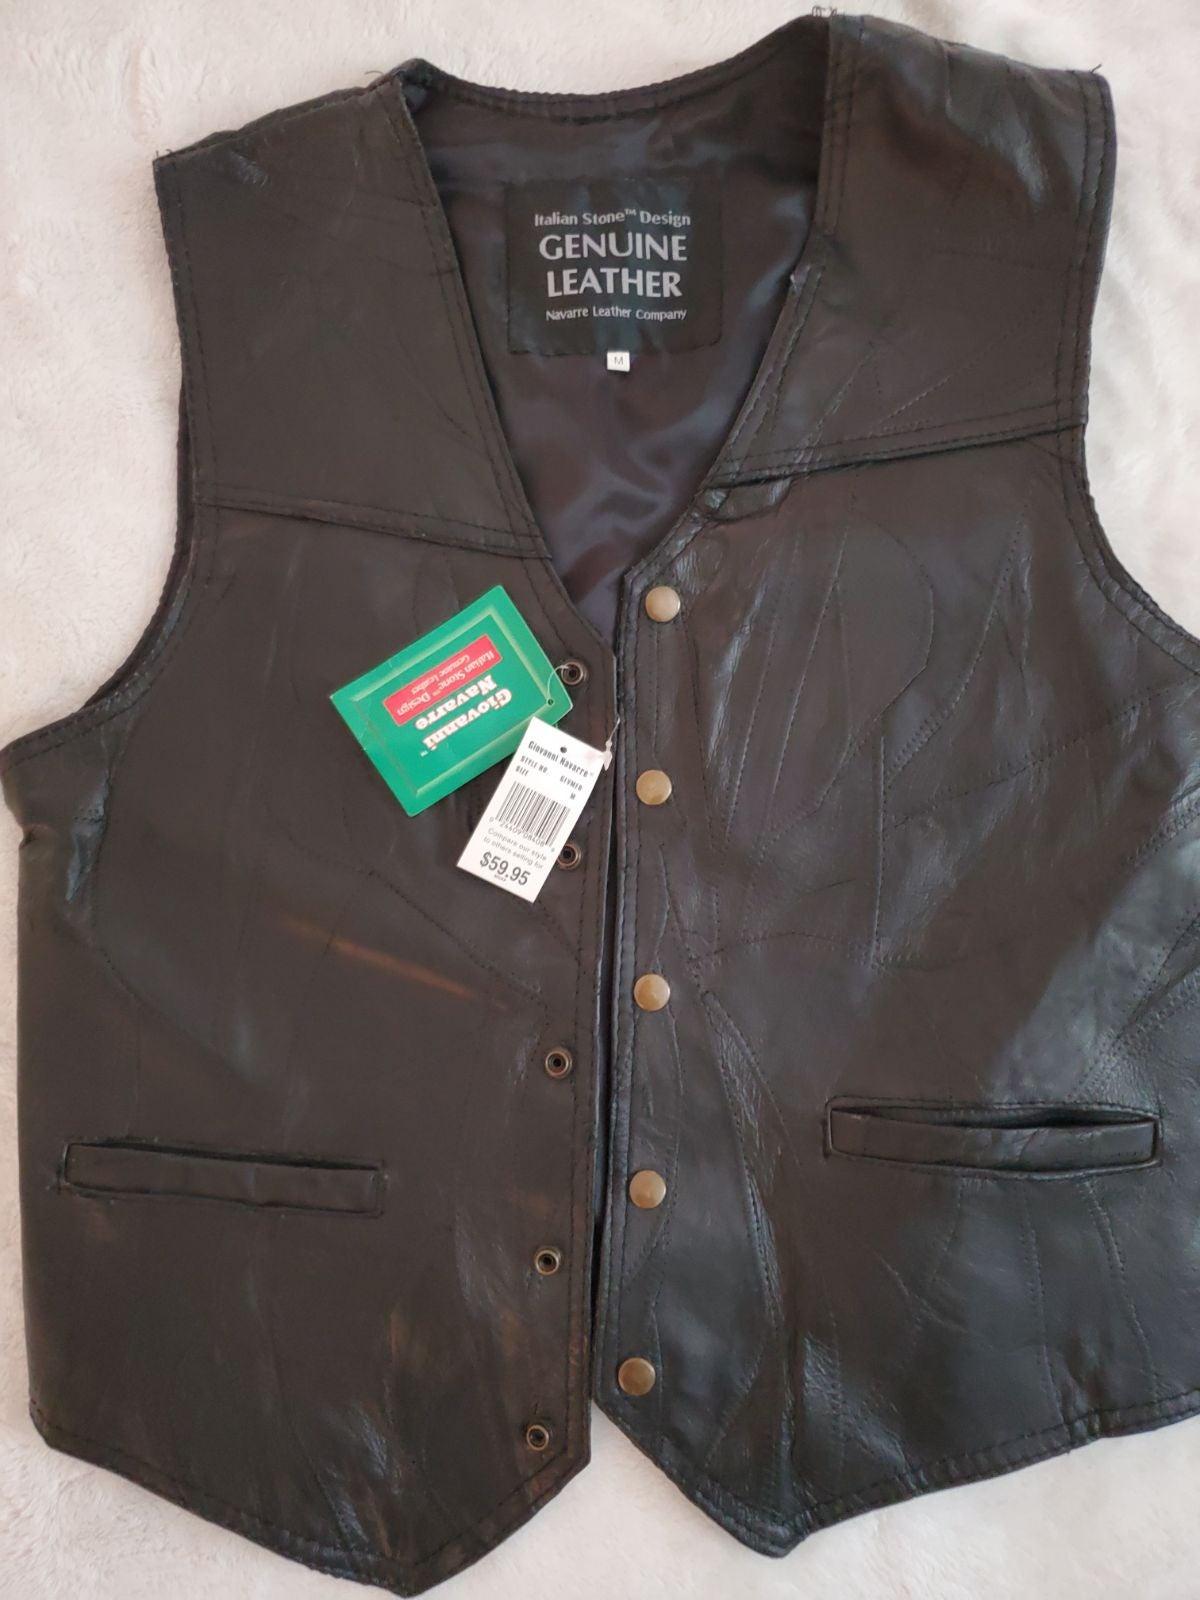 Genuine leather vest for men